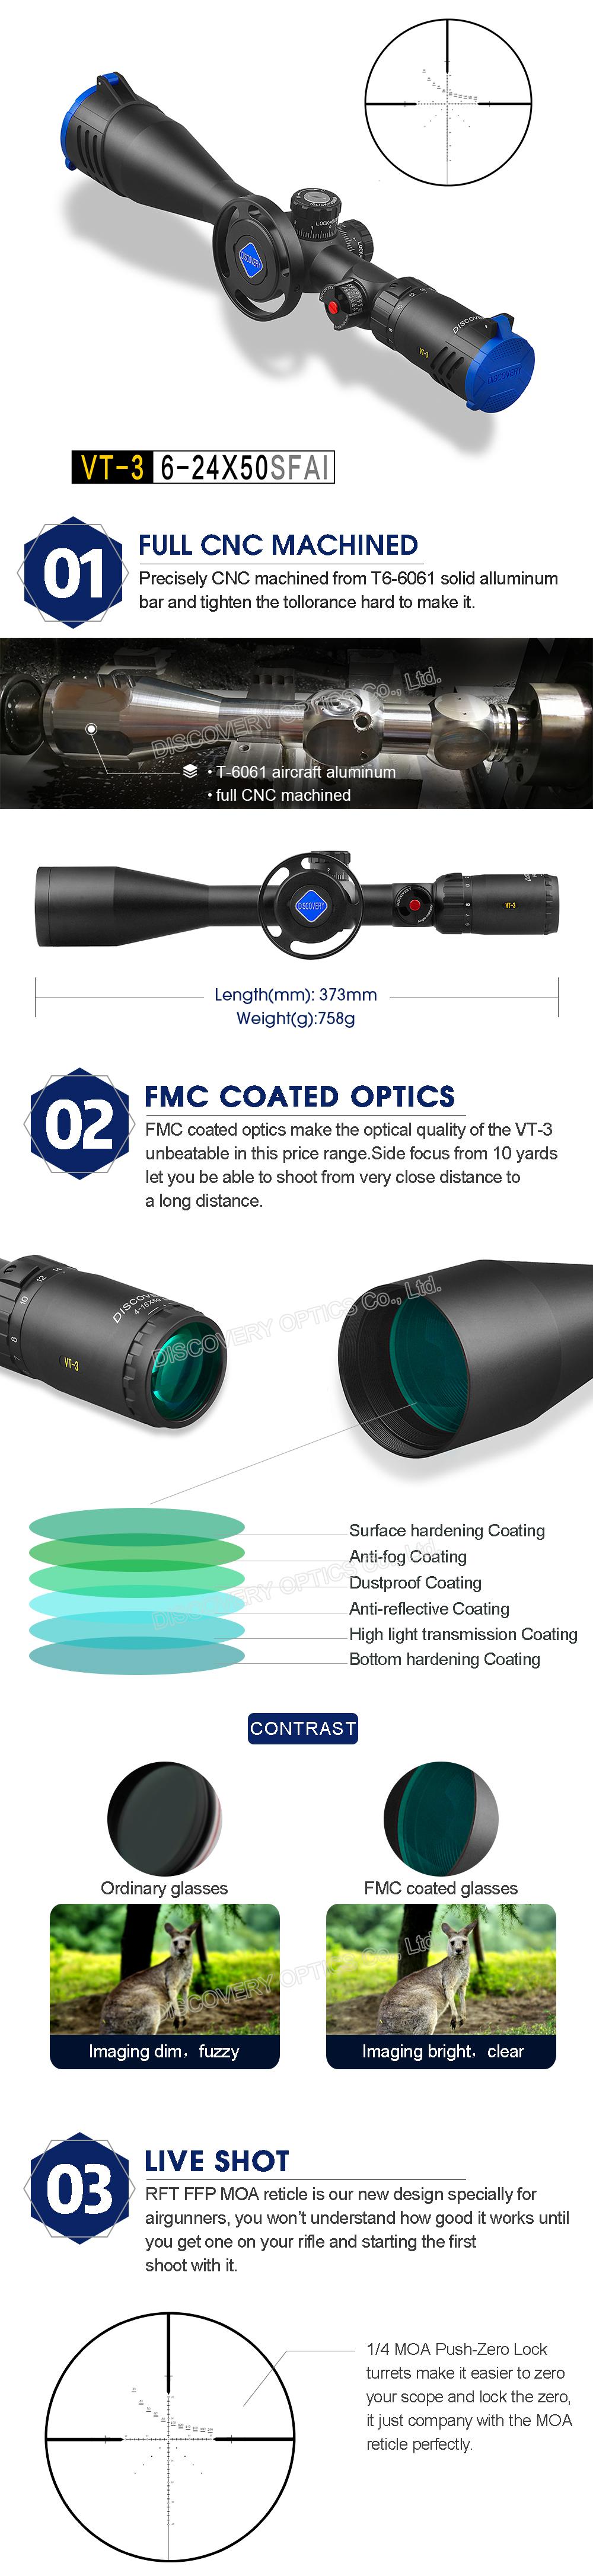 Прицел Discovery Riflescope VT-3 6-24X50 SFAI FFP